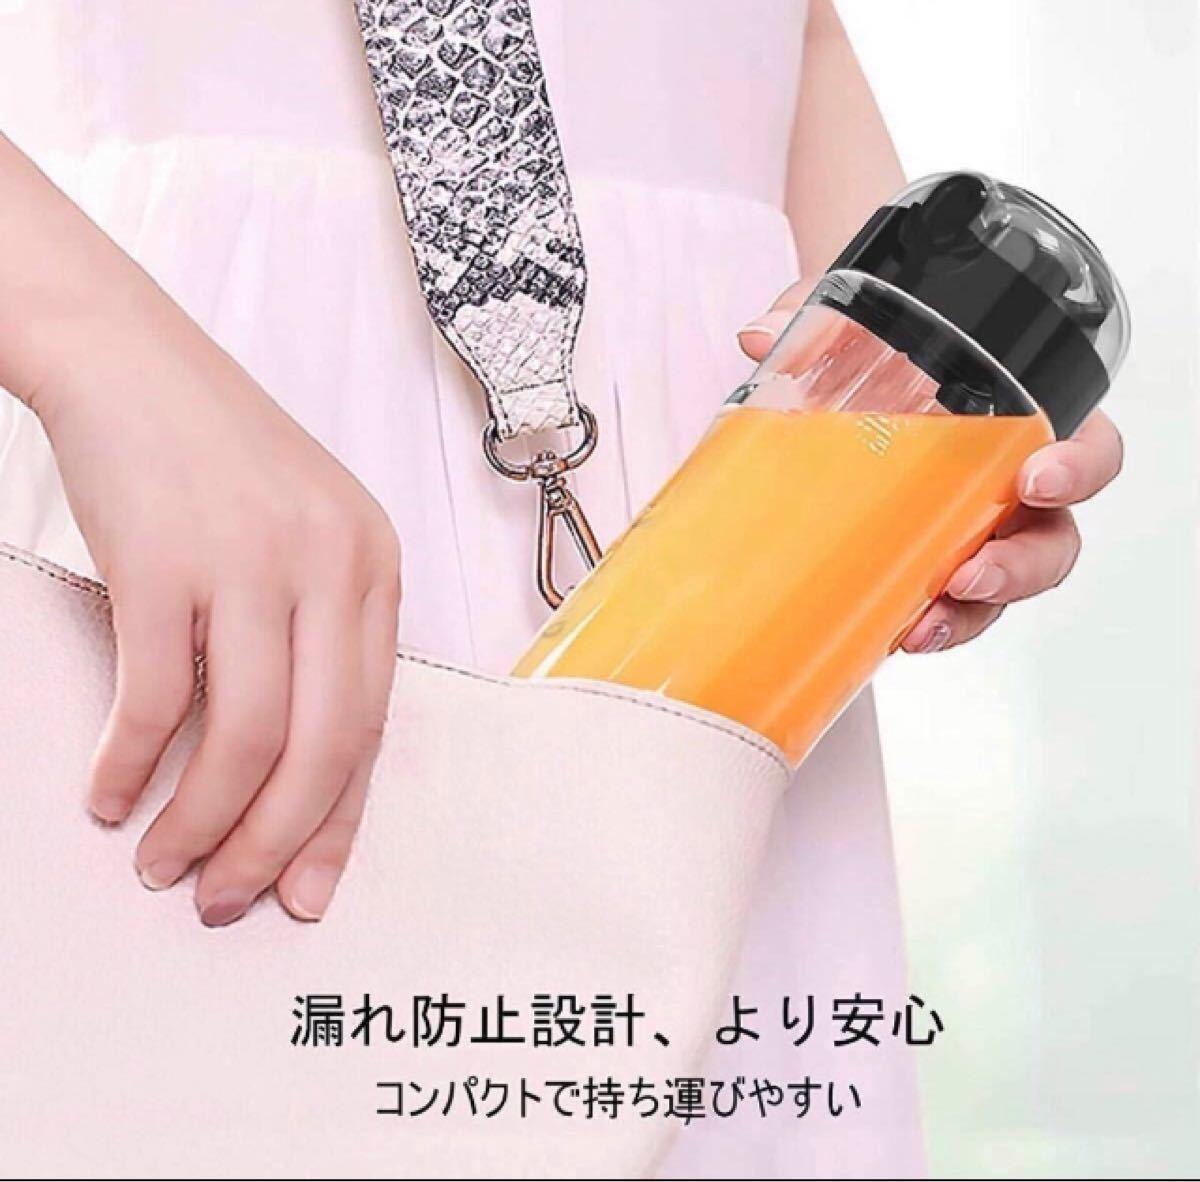 ★★大特価★★高性能 ジューサー ミキサー スムージー 持ち運びに便利 離乳食